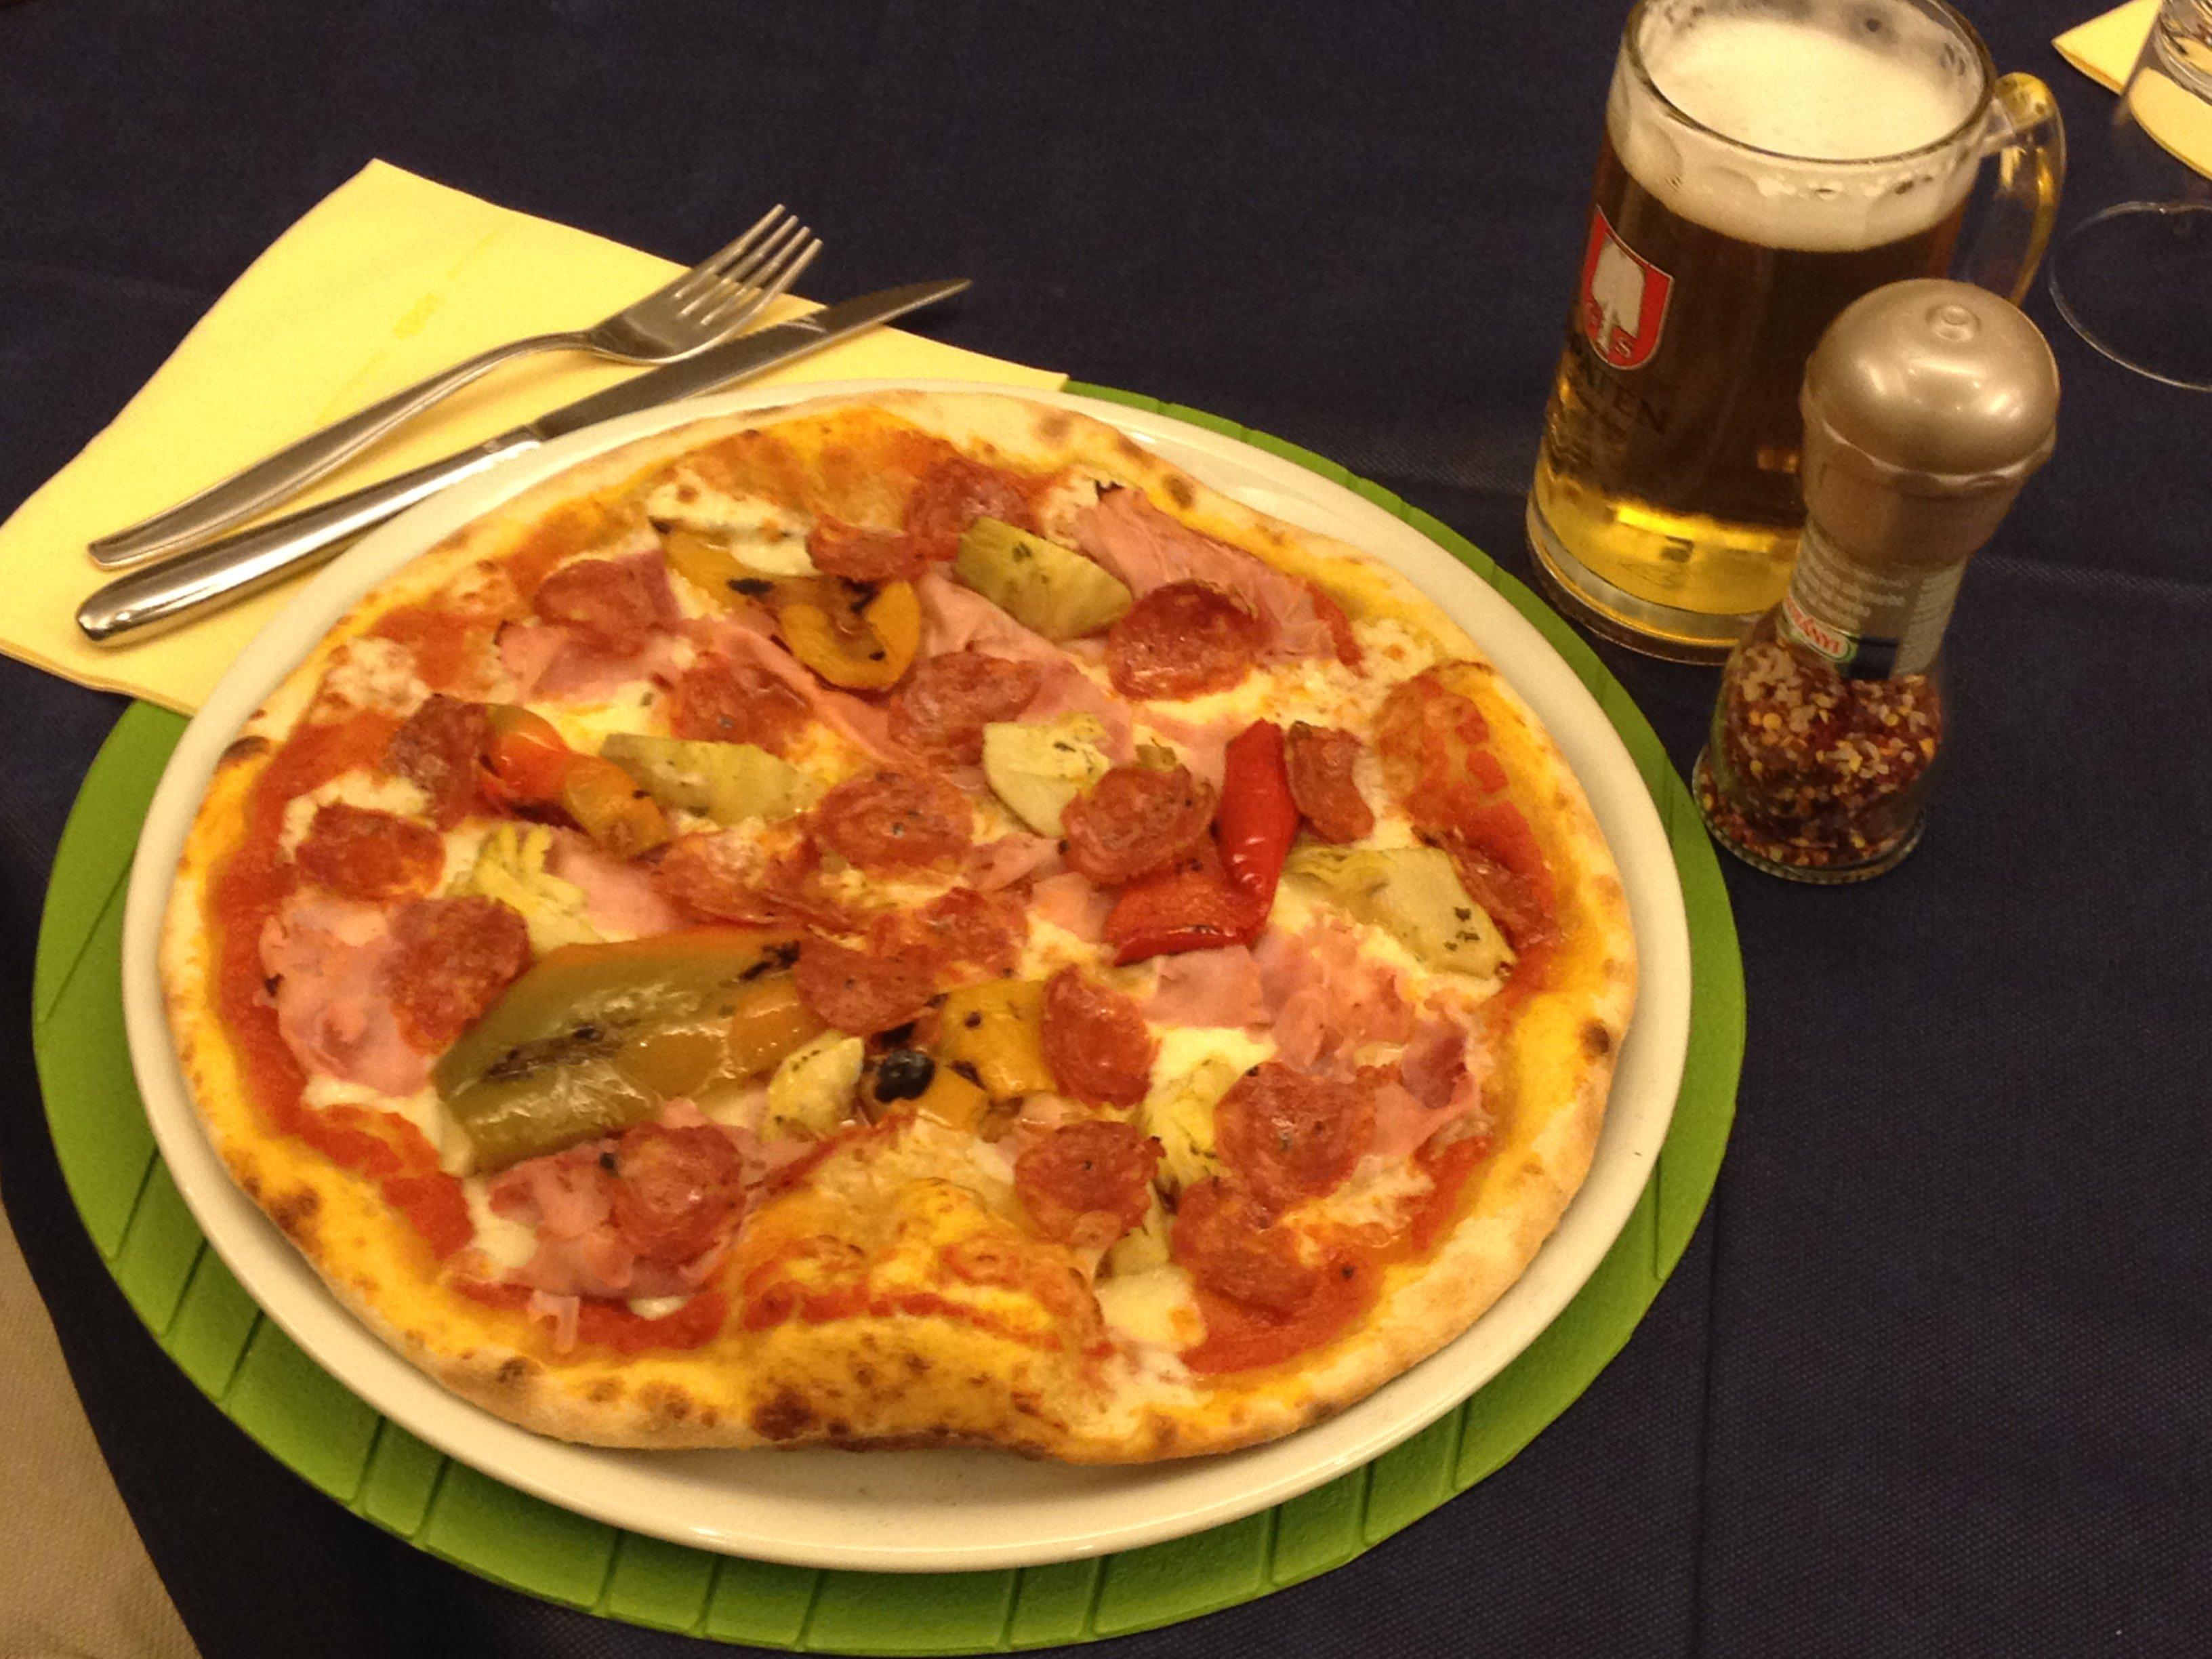 Pizza rossa in un piatto